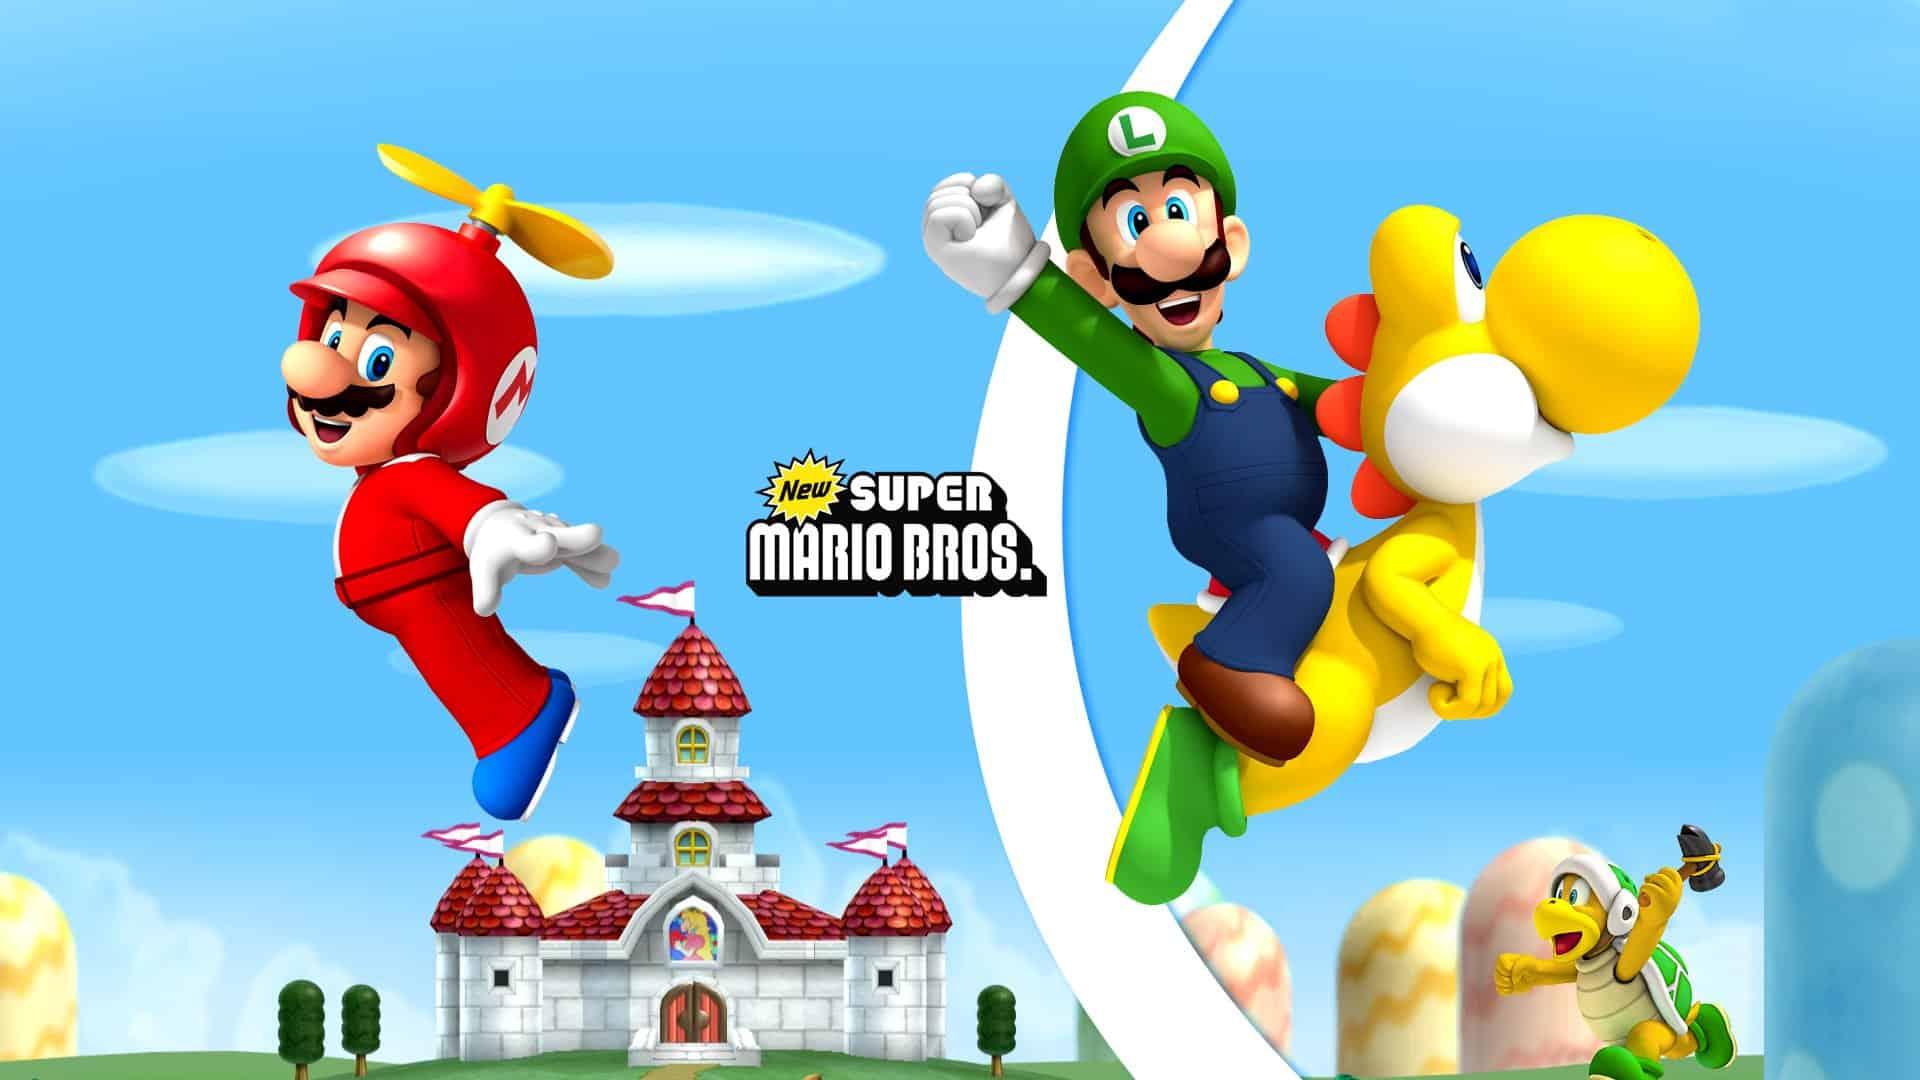 Best Super Mario Games - New Super Mario Bros